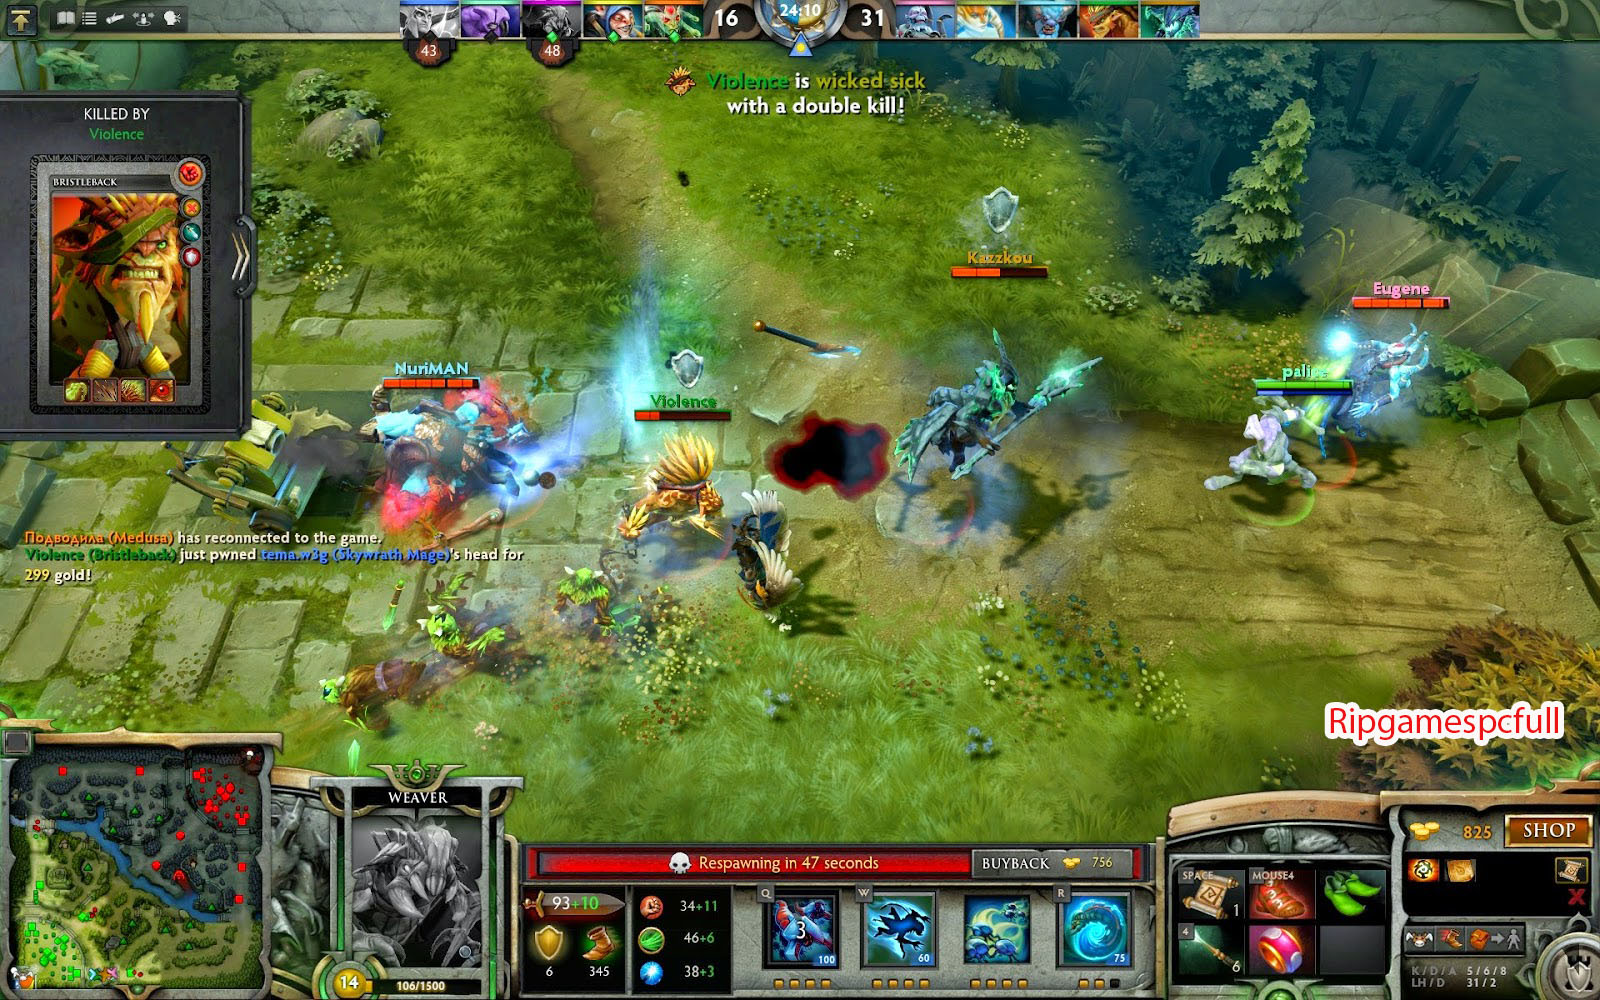 Dota 2 Offline Full Item Pc Games Rip Games Pc Full